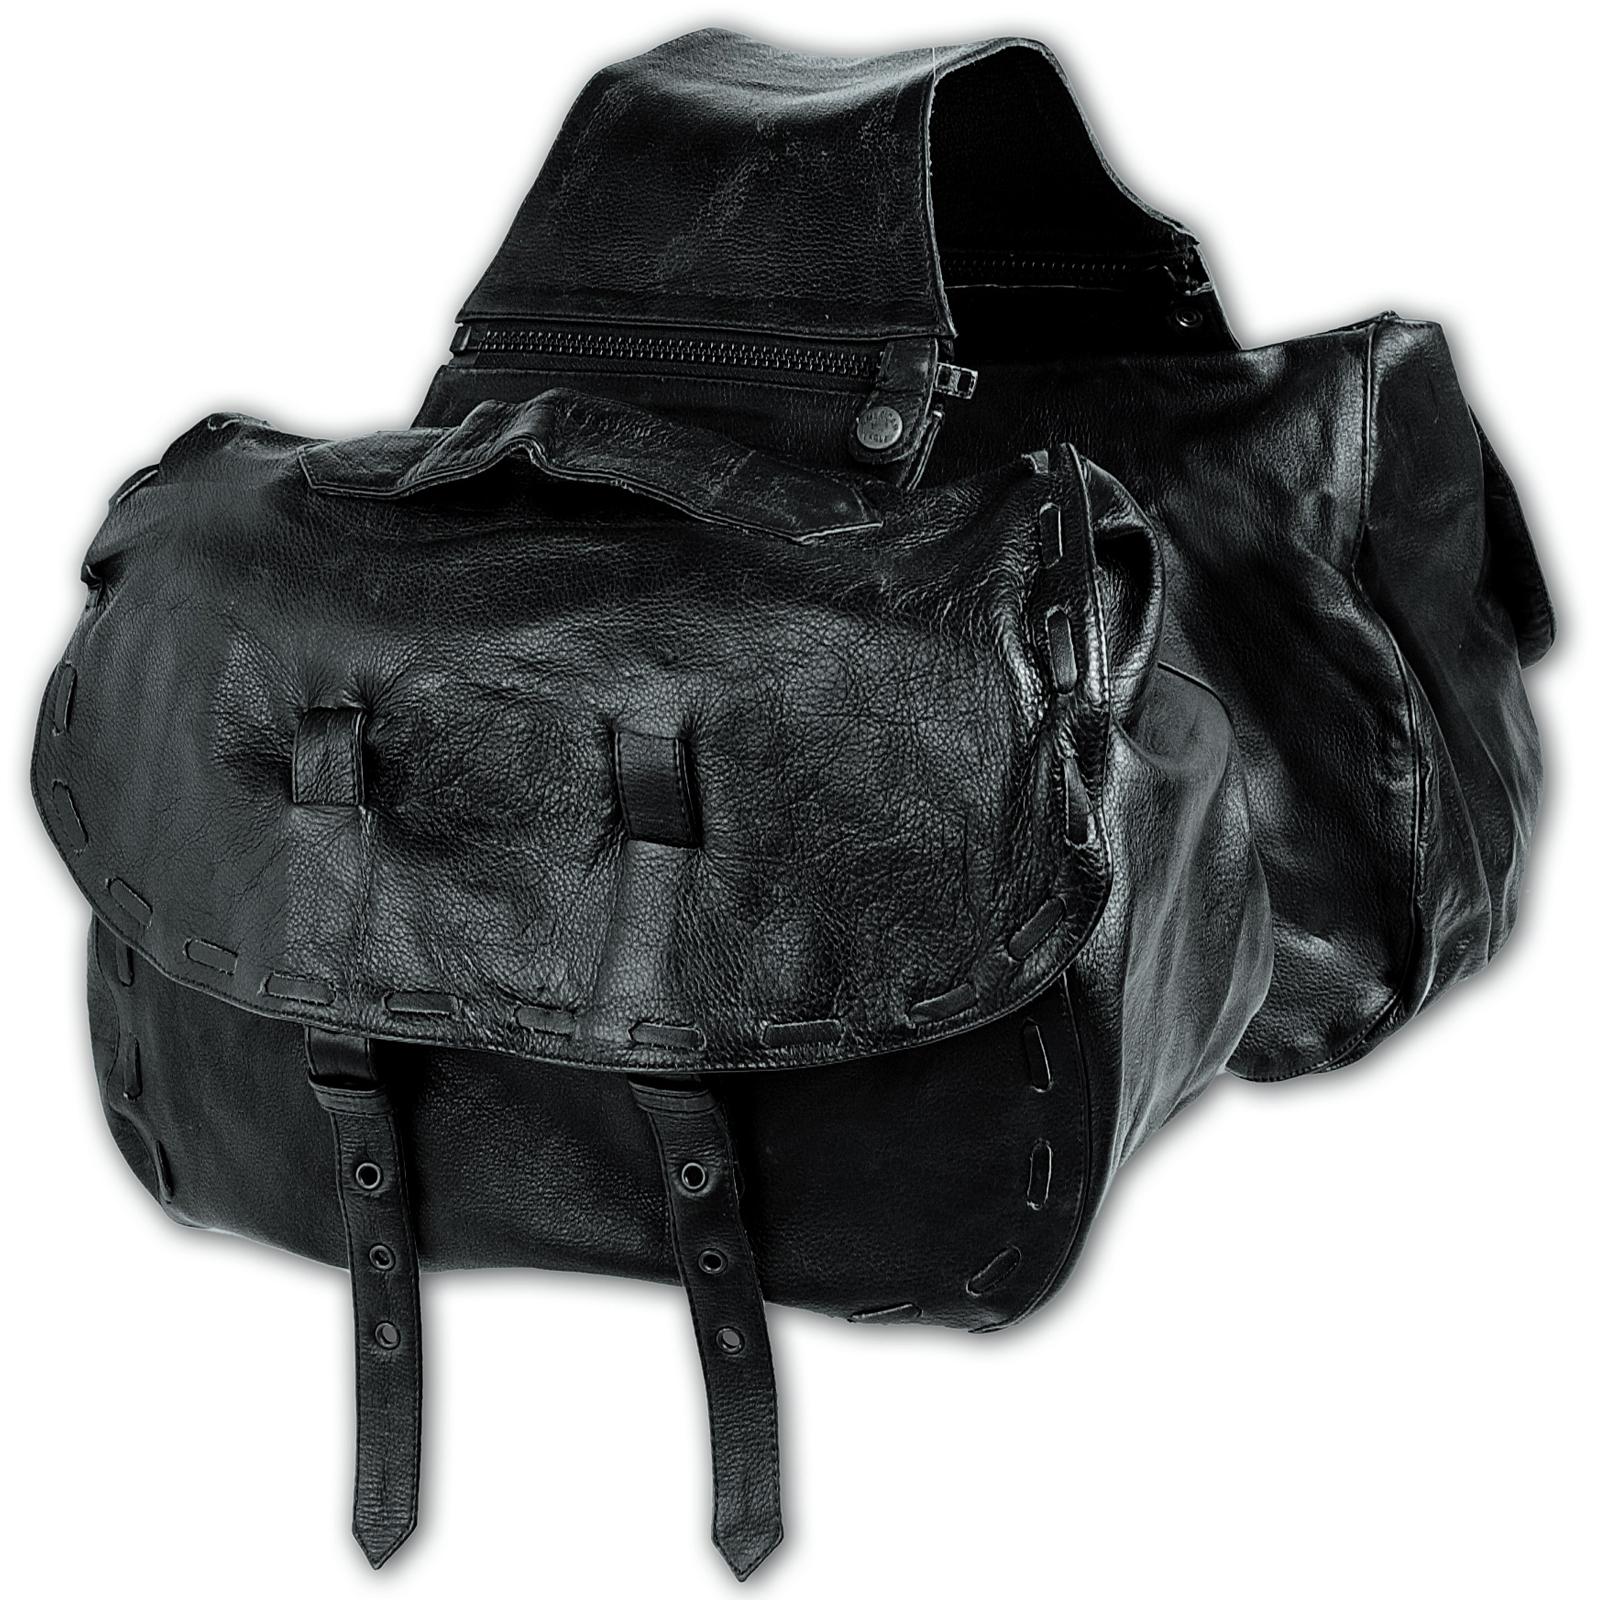 Borse Pelle Migliori Marche : Borse laterali pelle bisacce custom chopper borsa sotto